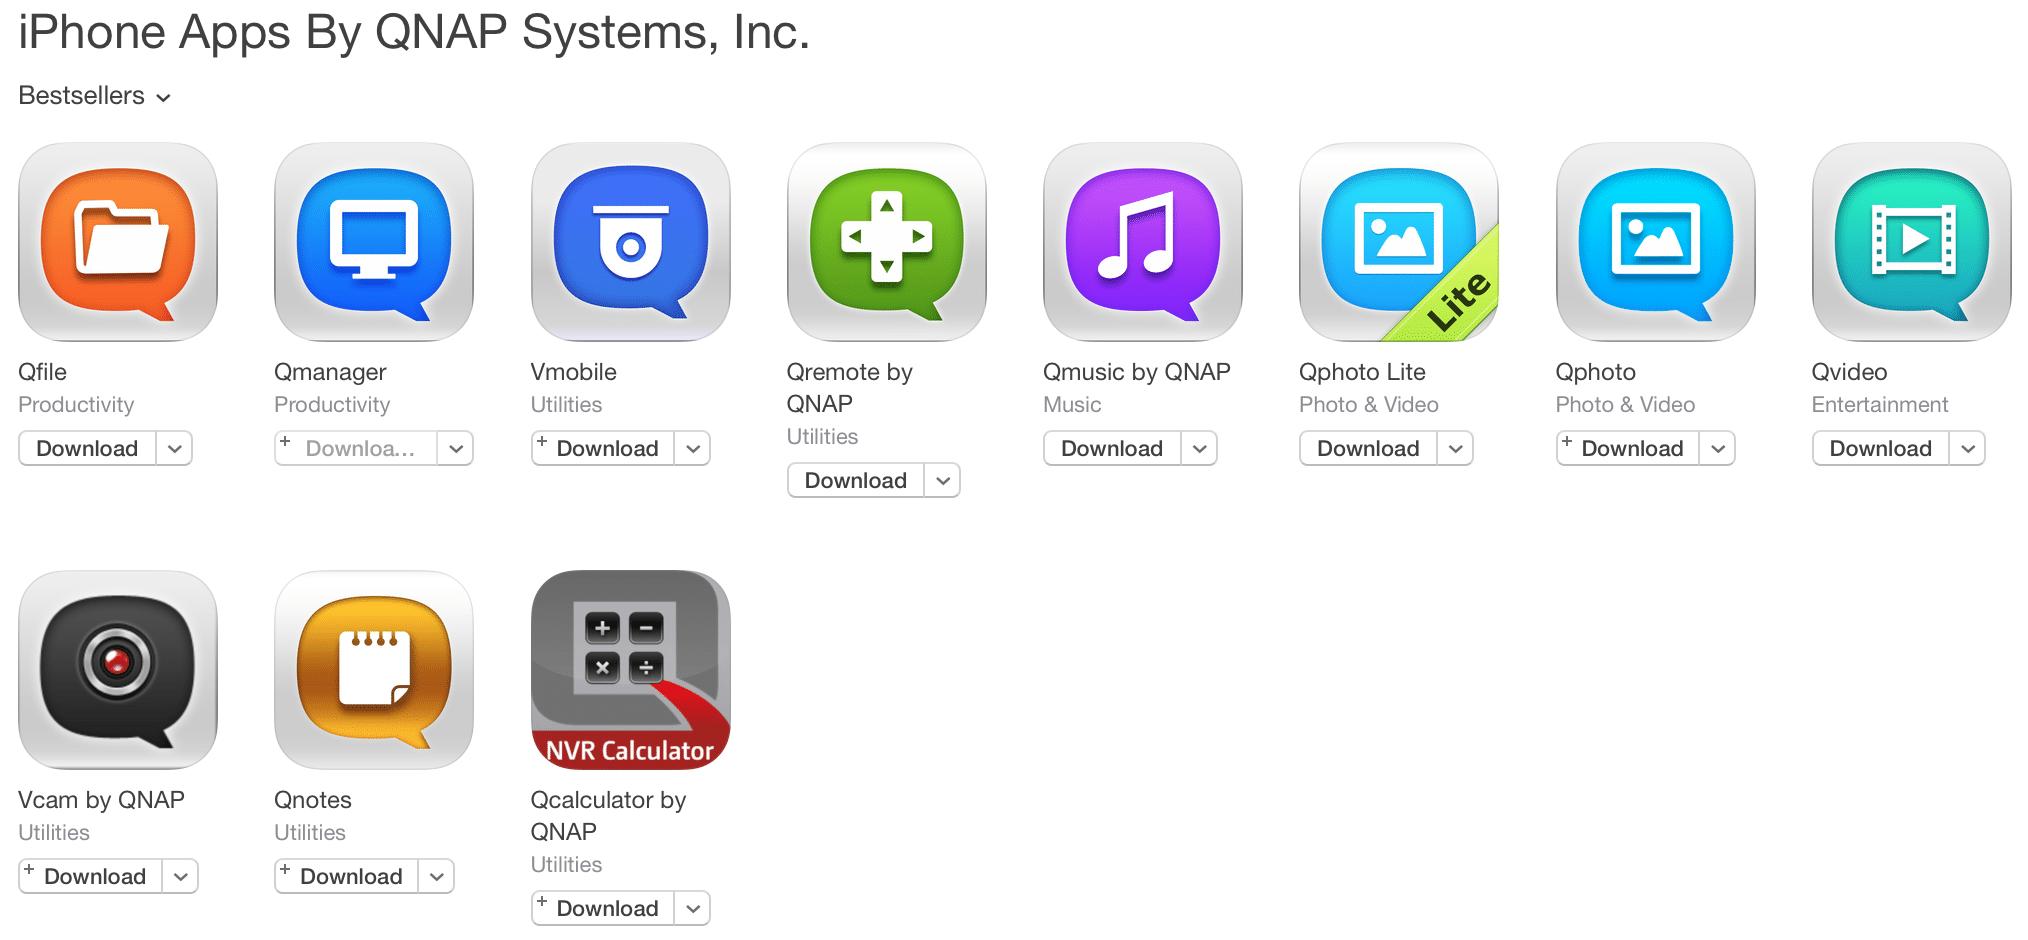 QNAP-apps